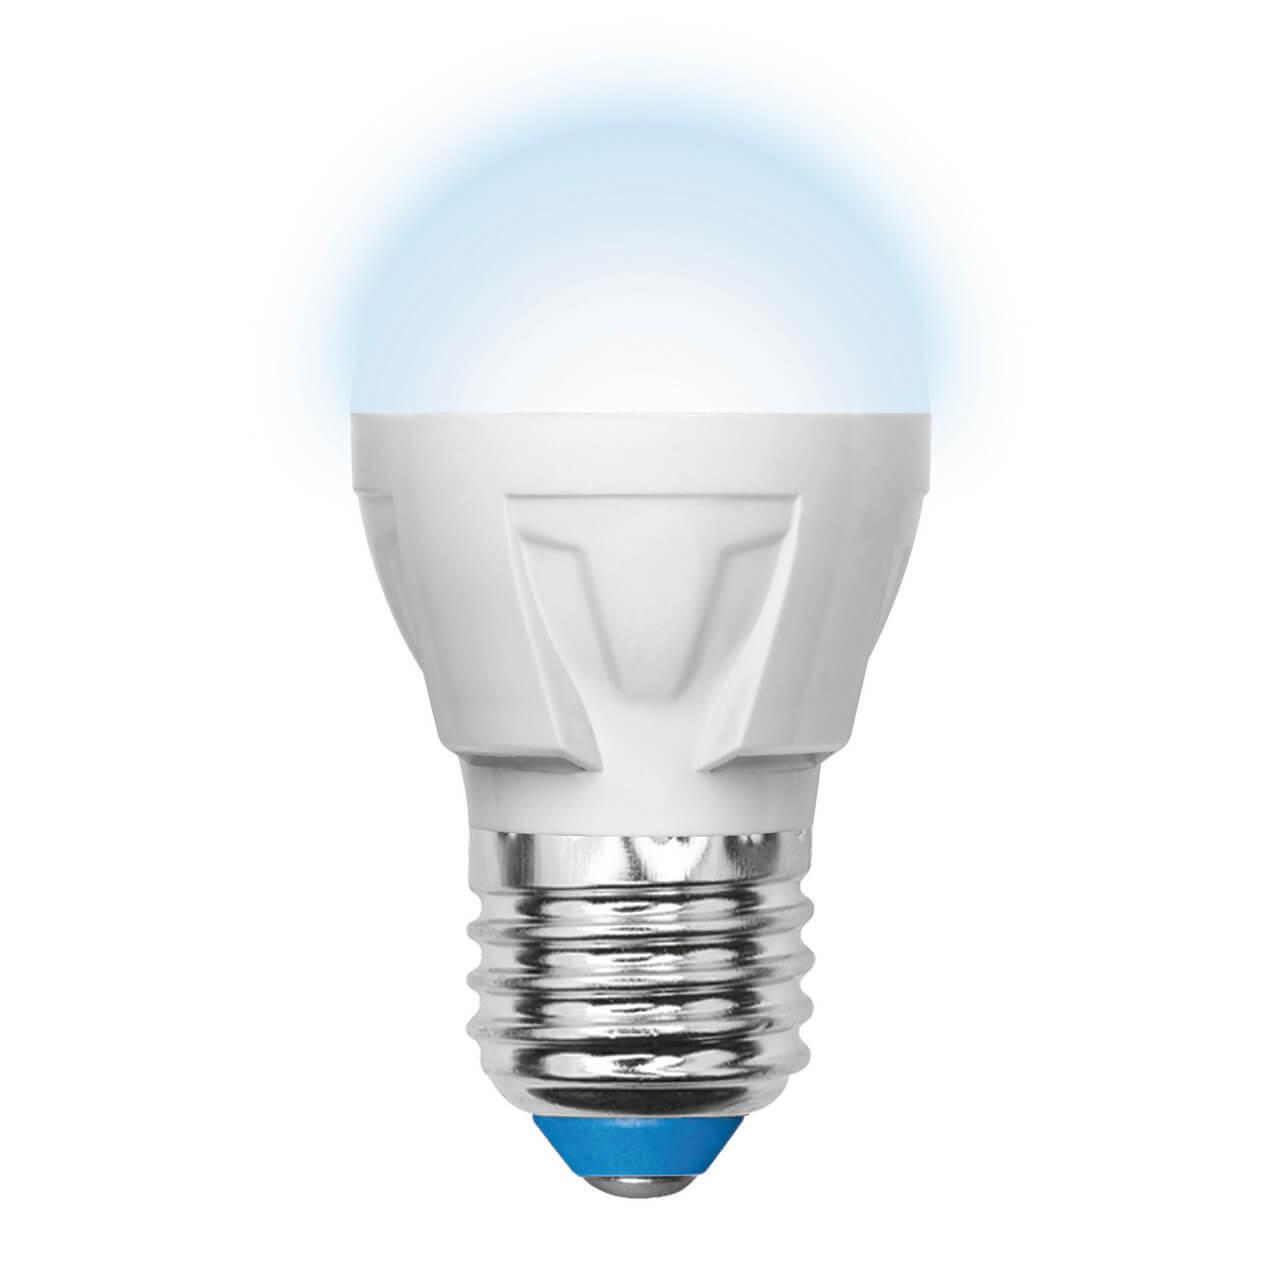 цена на Лампа светодиодная диммируемая (UL-00000693) E27 6W 4500K матовая LED-G45-6W/NW/E27/FR/DIM